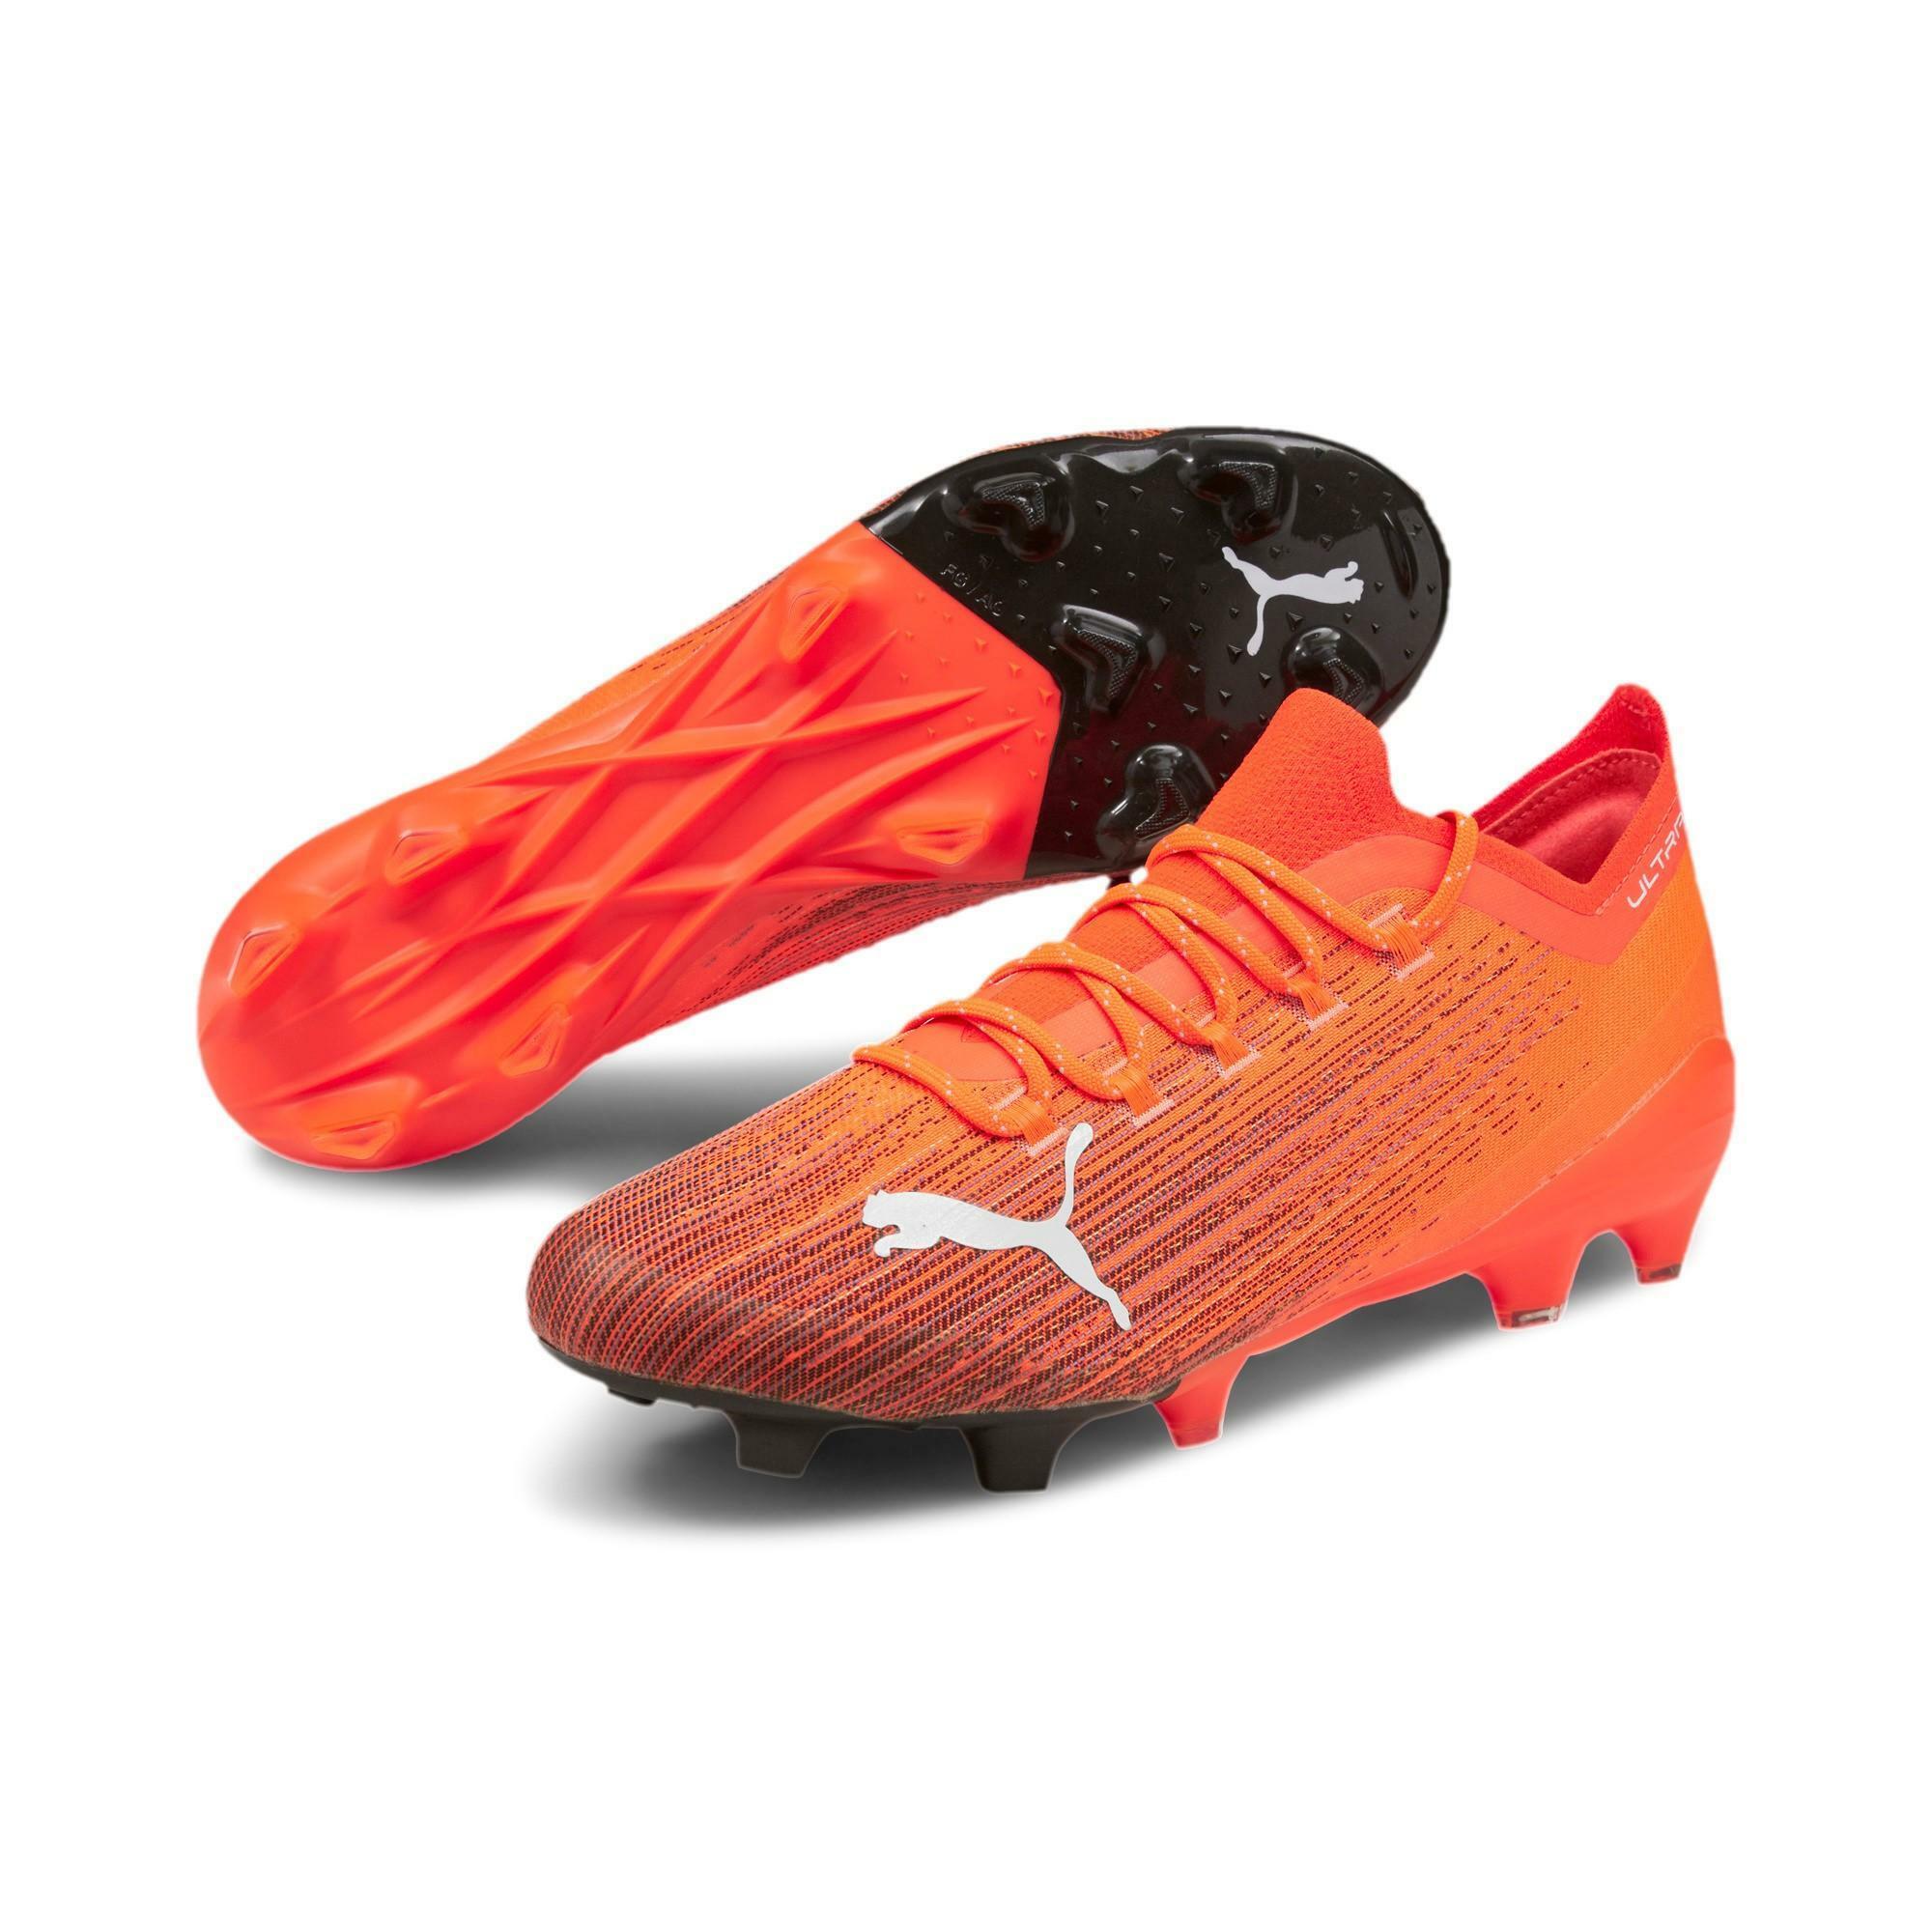 puma puma scarpa calcio ultra 1.1 fg/ag arancio